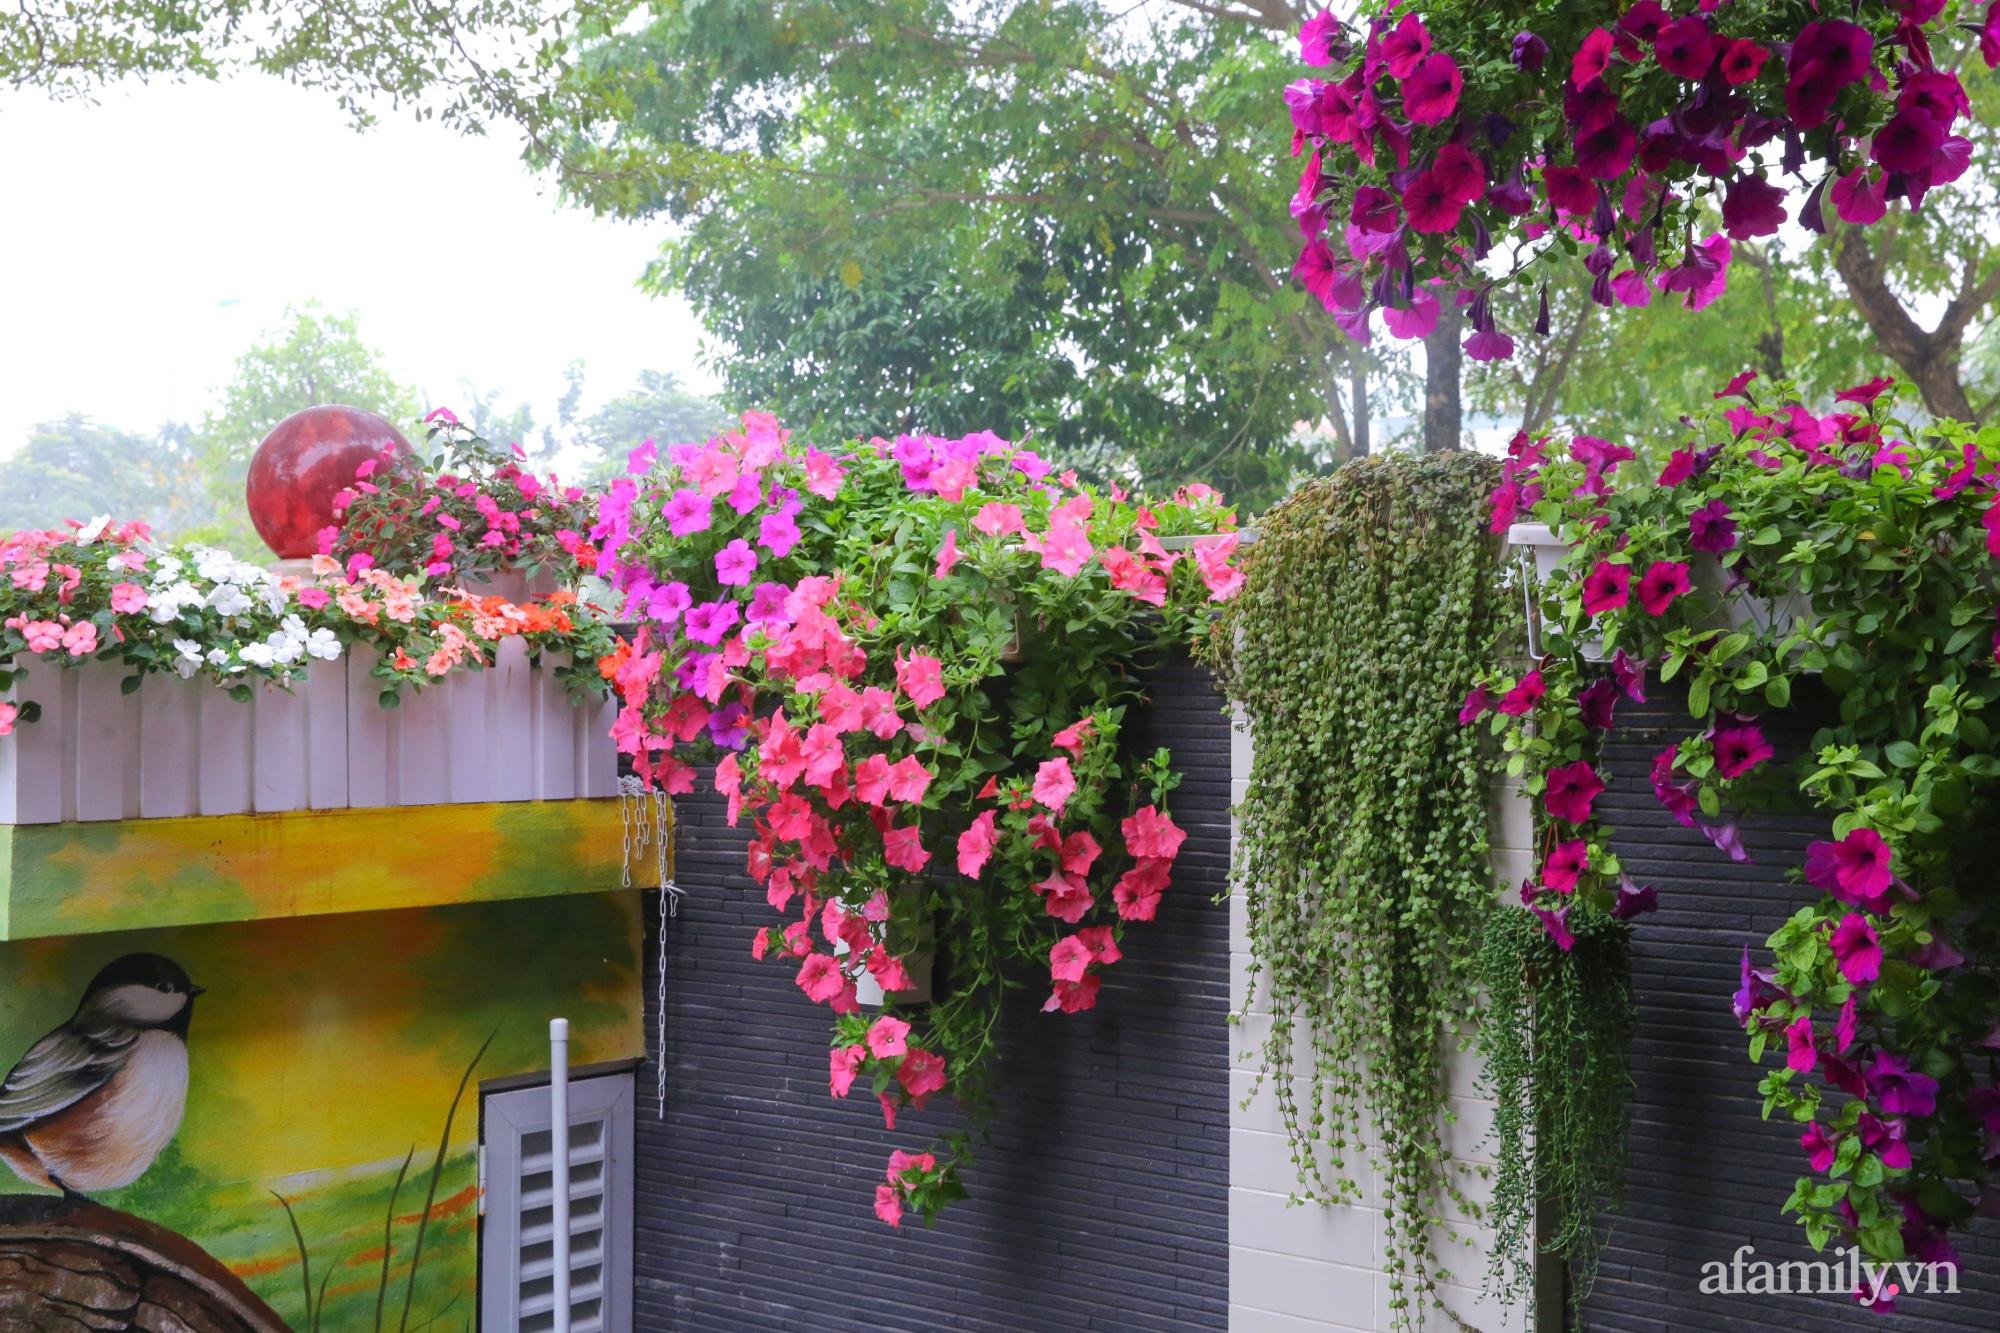 Kinh nghiệm trồng dạ yến thảo nở rực rỡ đủ sắc màu phủ kín mặt tiền nhà phố Hà Nội - Ảnh 7.